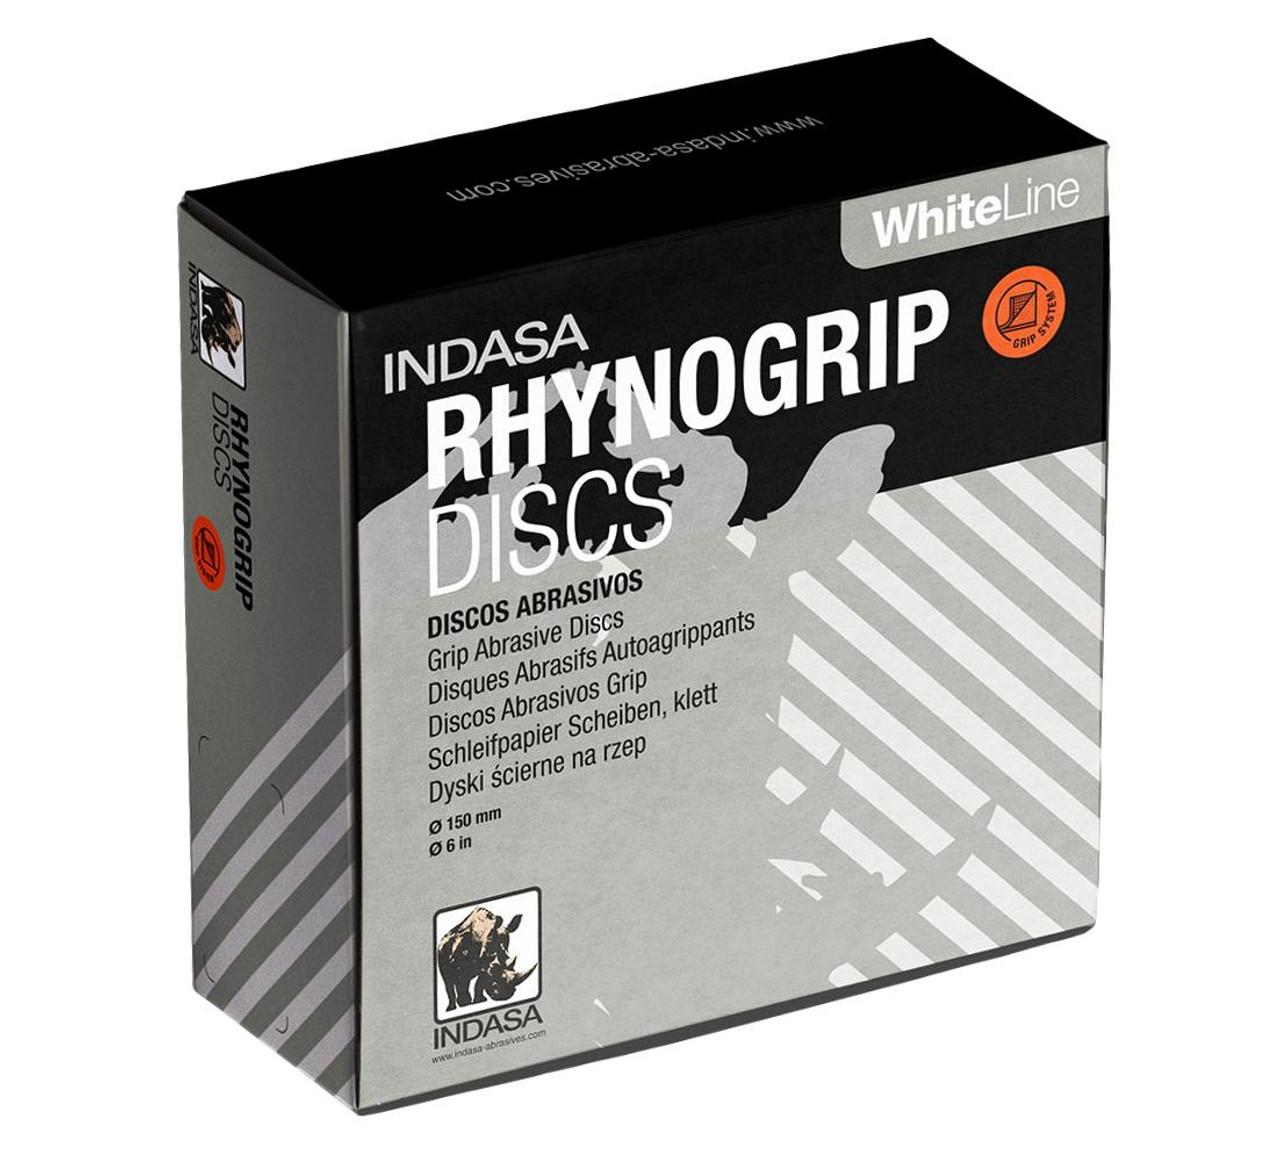 INDASA RYNOGRIP WHITELINE 150mm 6 INCH DA DISCS (50)